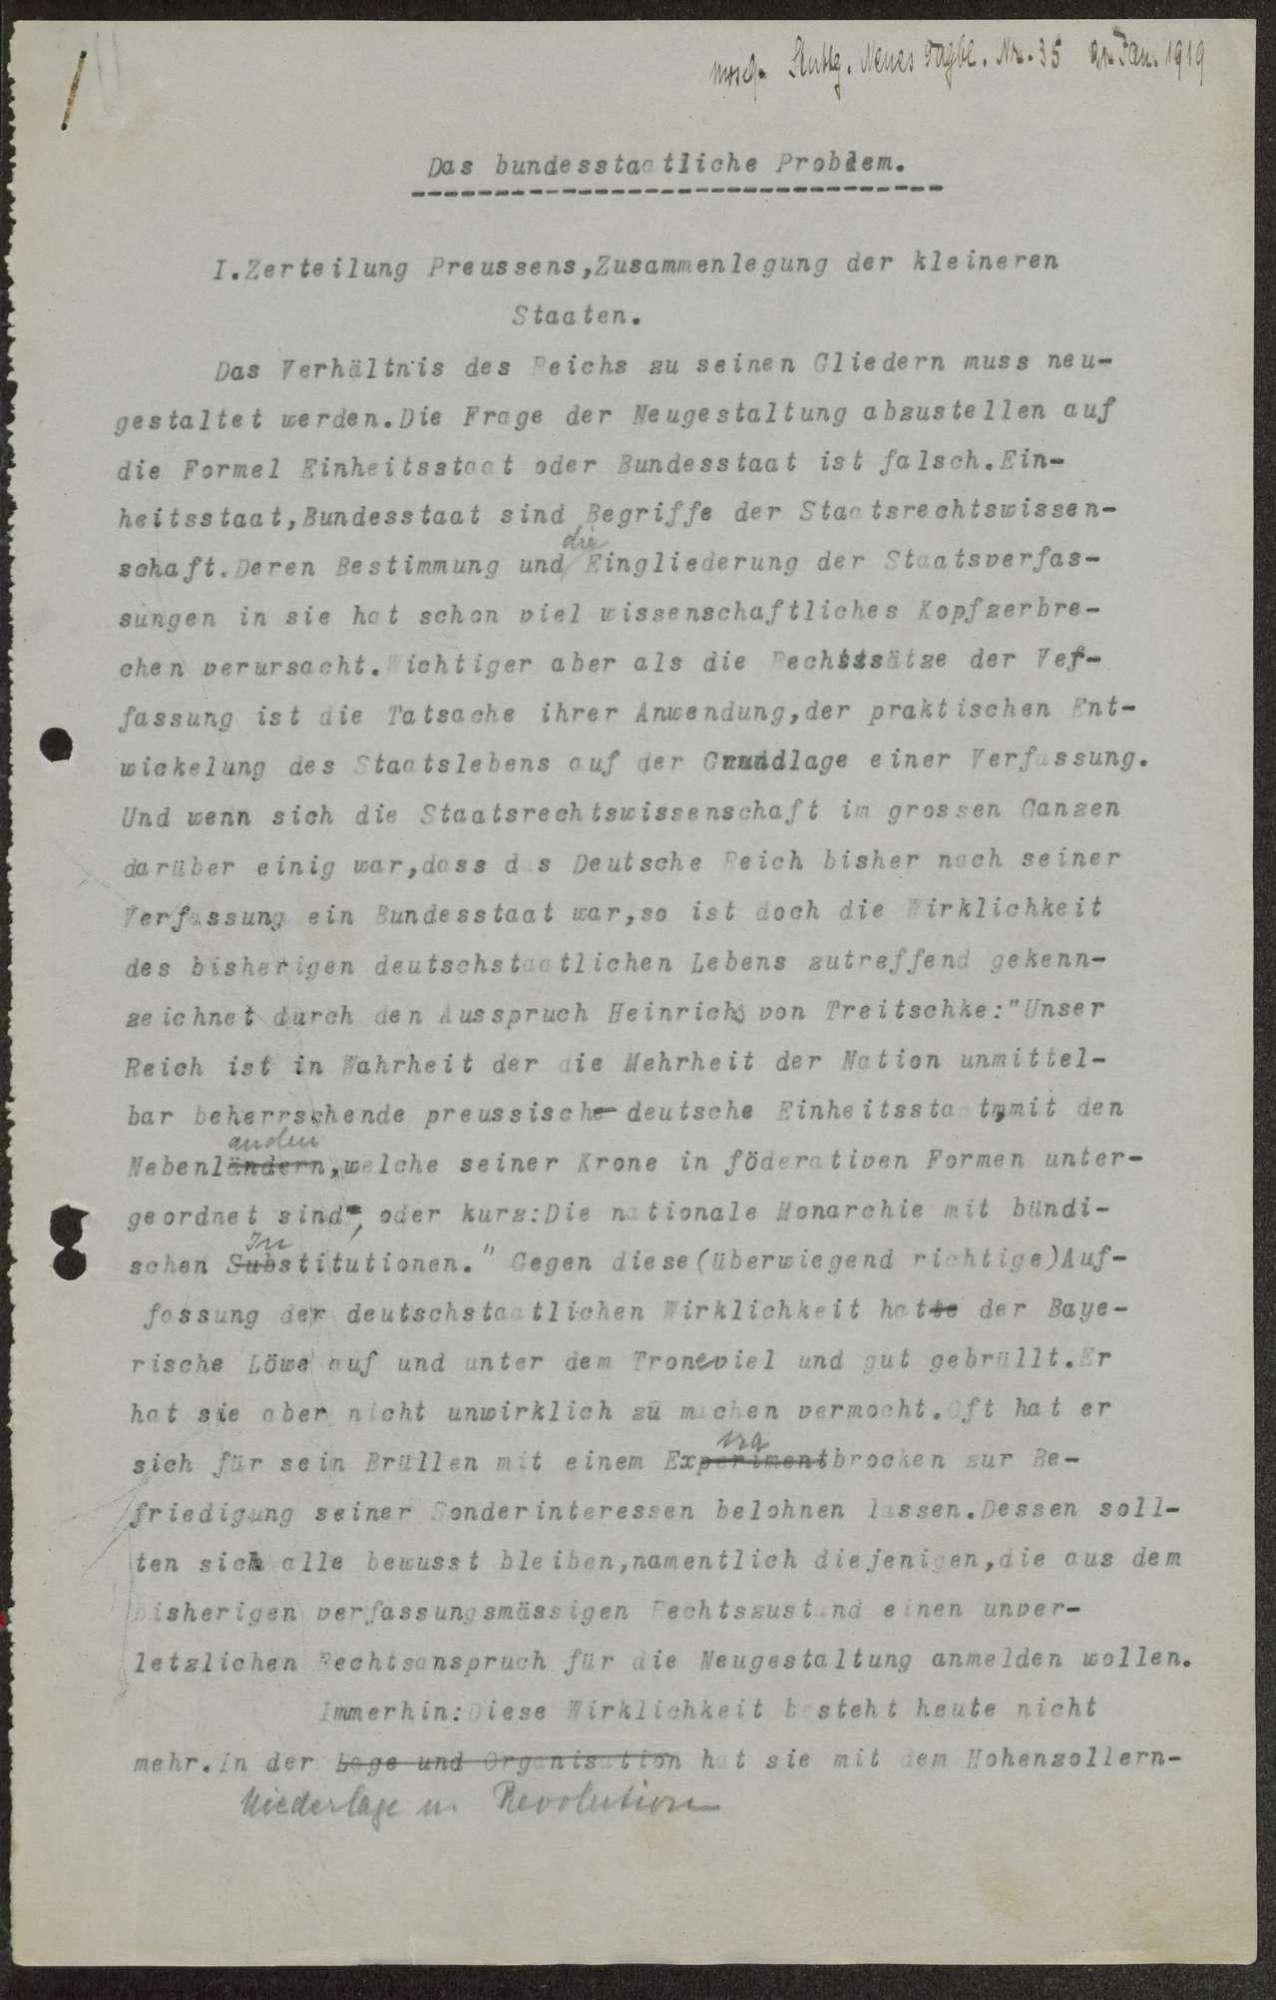 """""""Das bundesstaatliche Problem"""", Aufsatz, erschienen im Stuttgarter Neuen Tagblatt"""" Nr. 35, (Konzept und Reinschrift), Bild 1"""